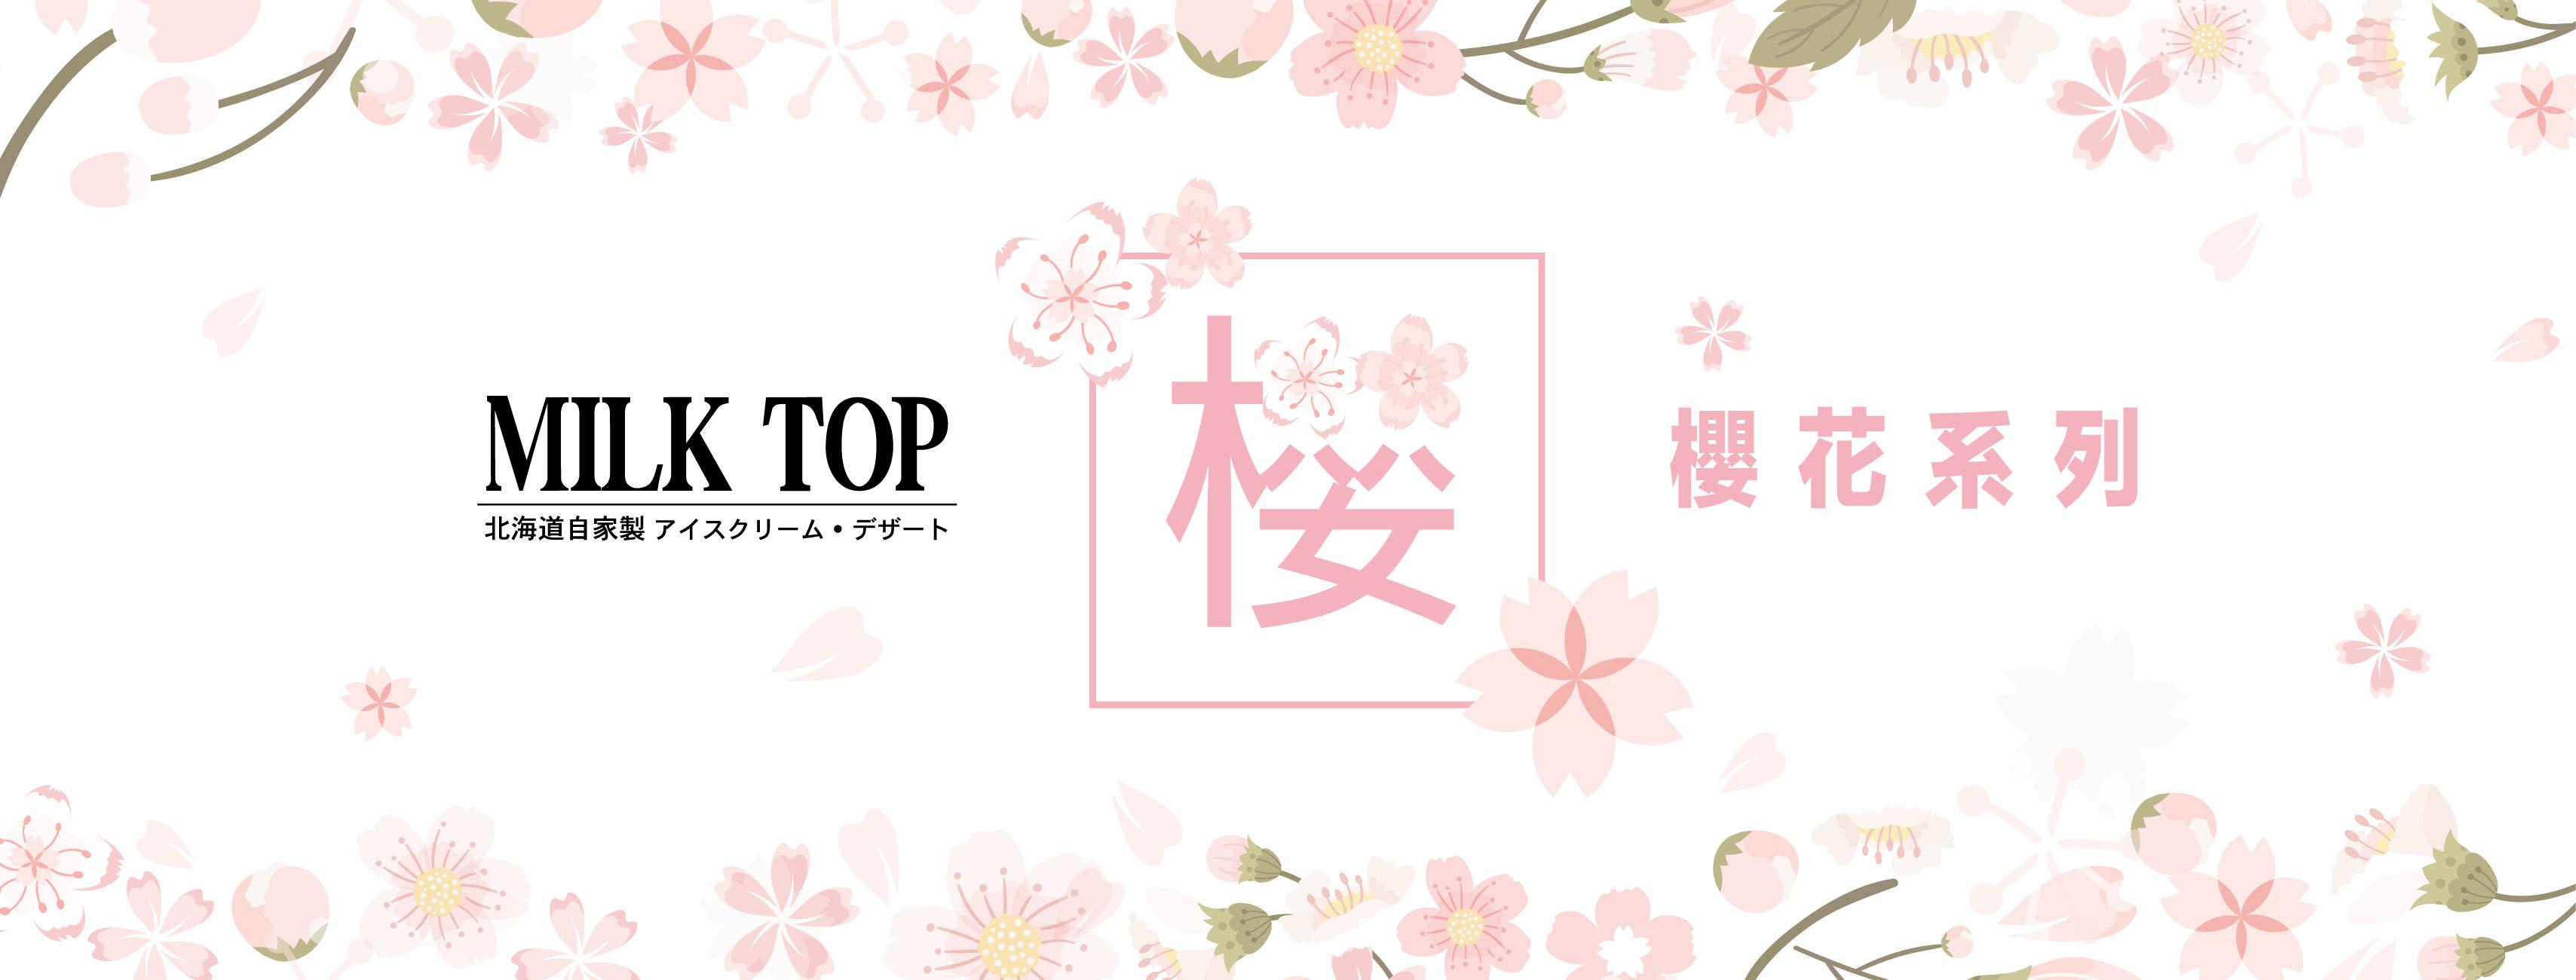 《日本北海道牛乳 x 櫻花系列》來到香港!